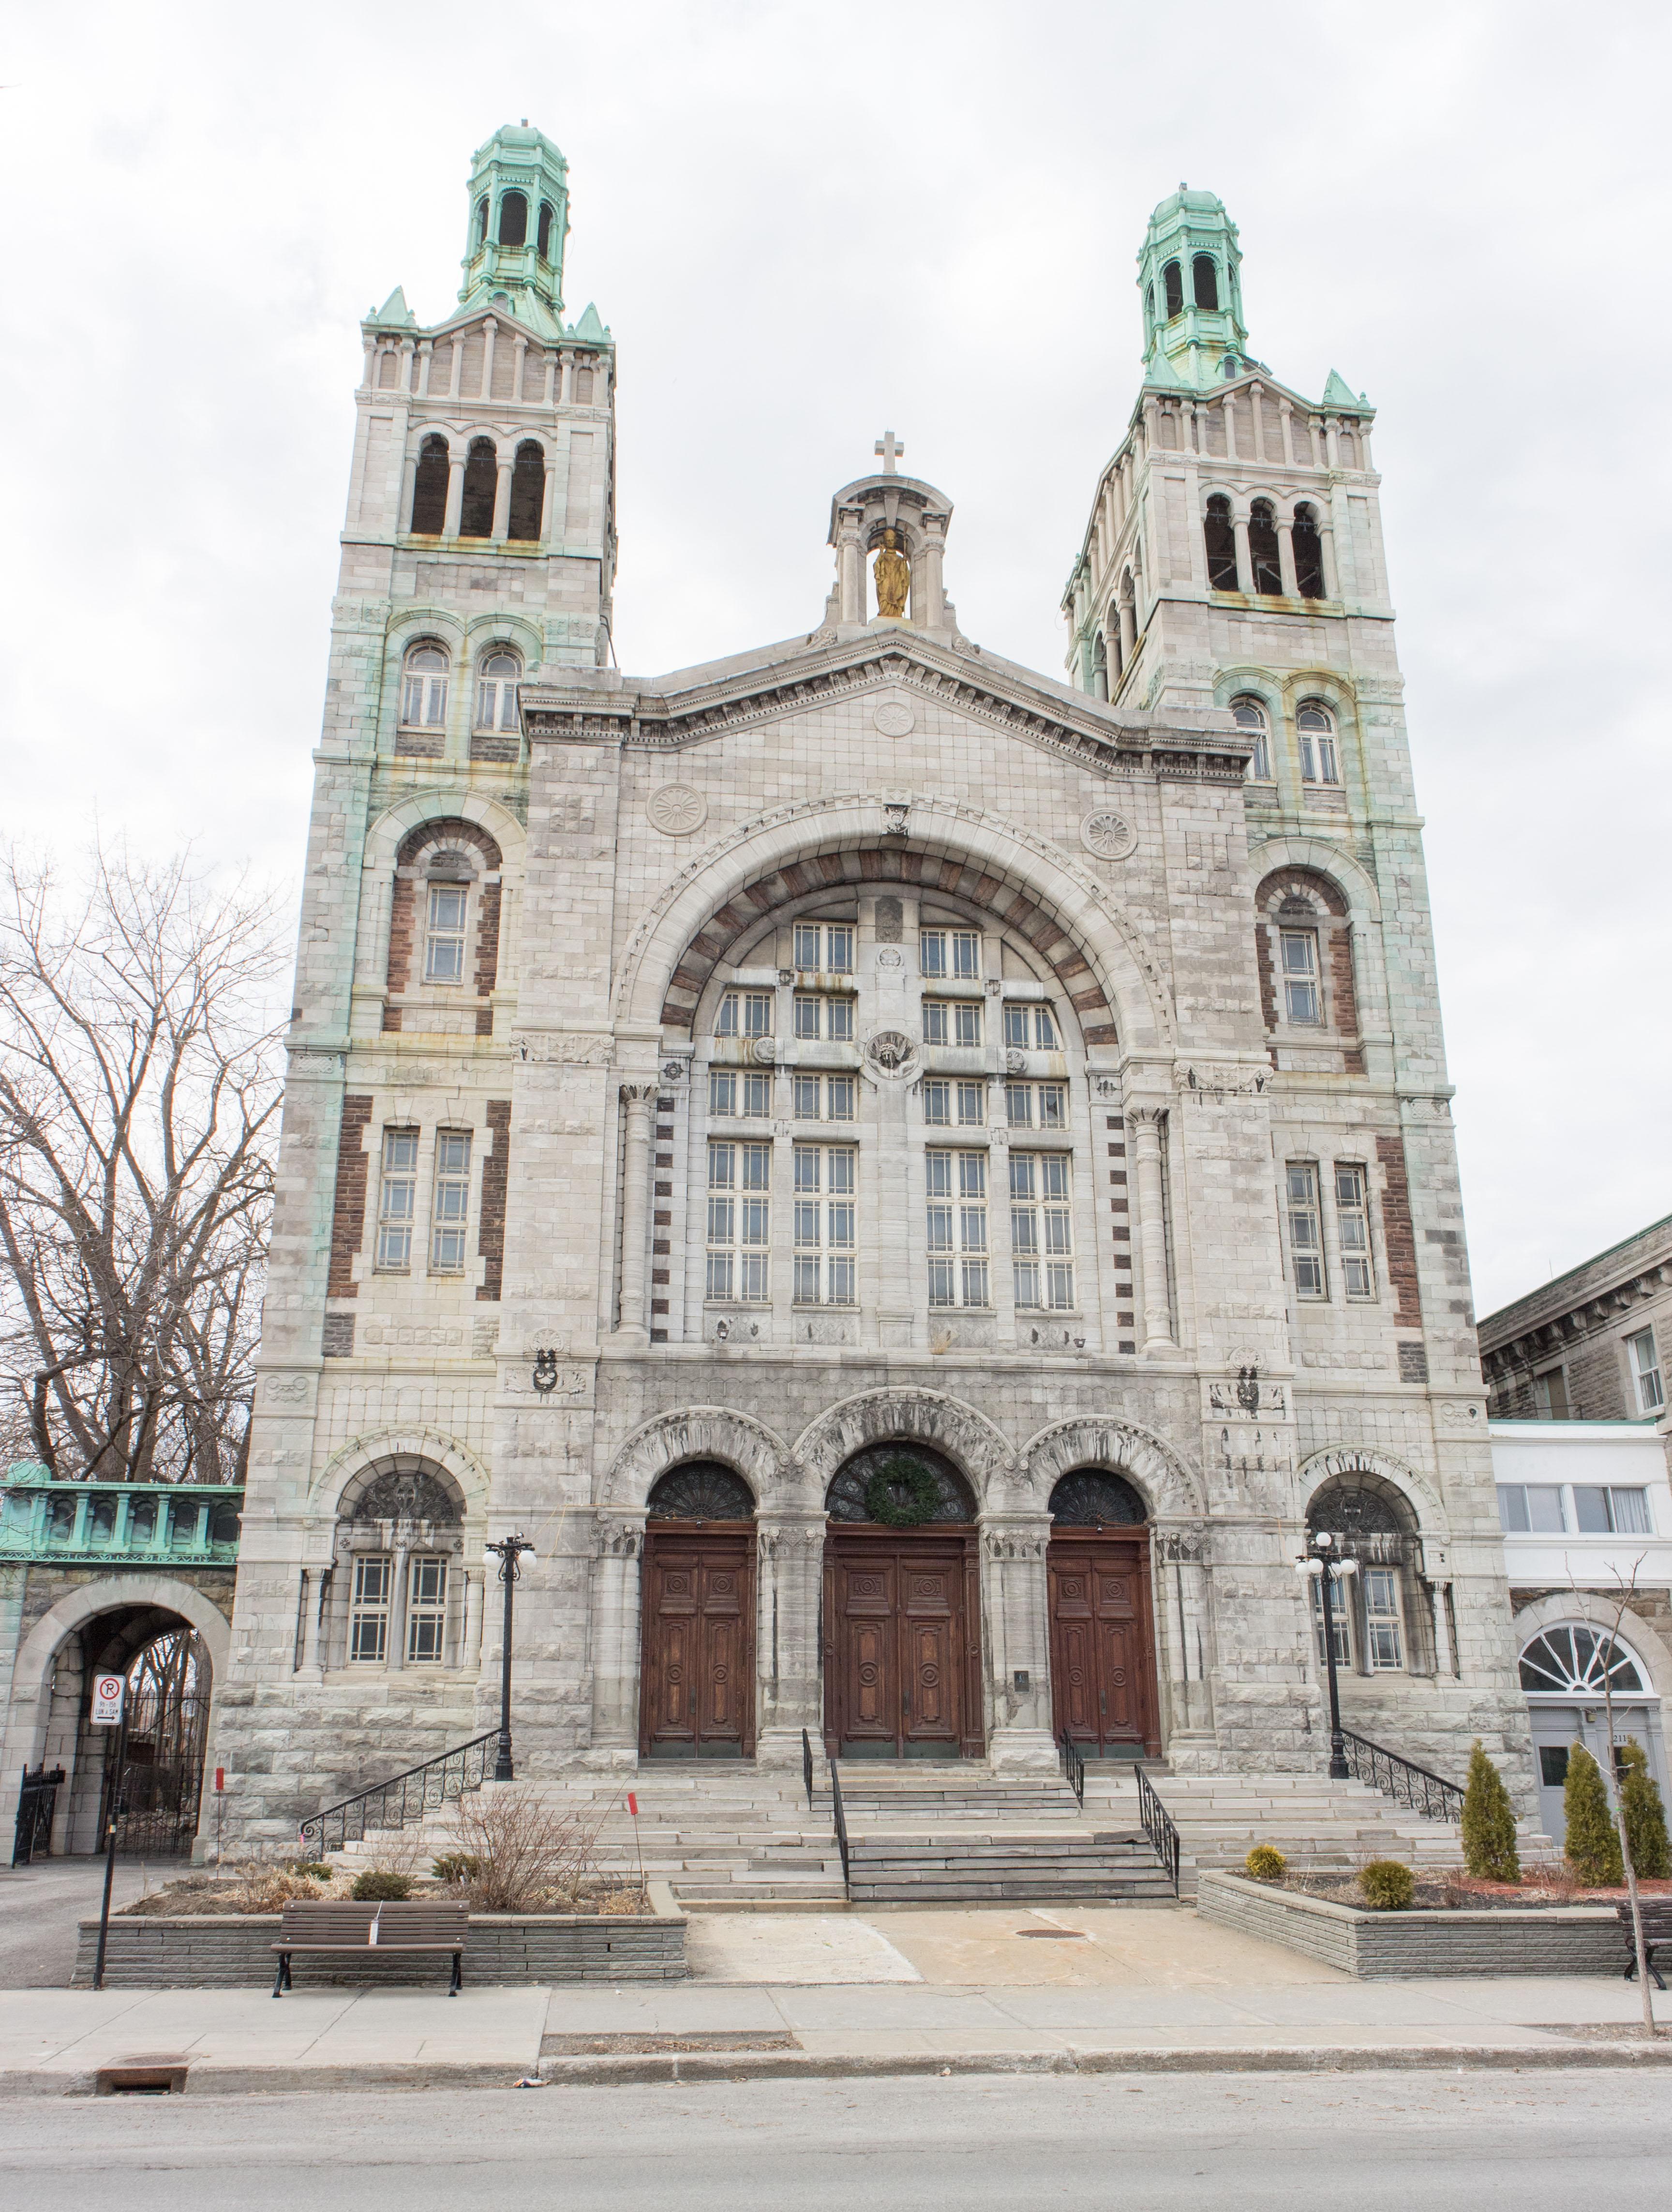 Photo couleur de la façade de l'église Saint-Charles